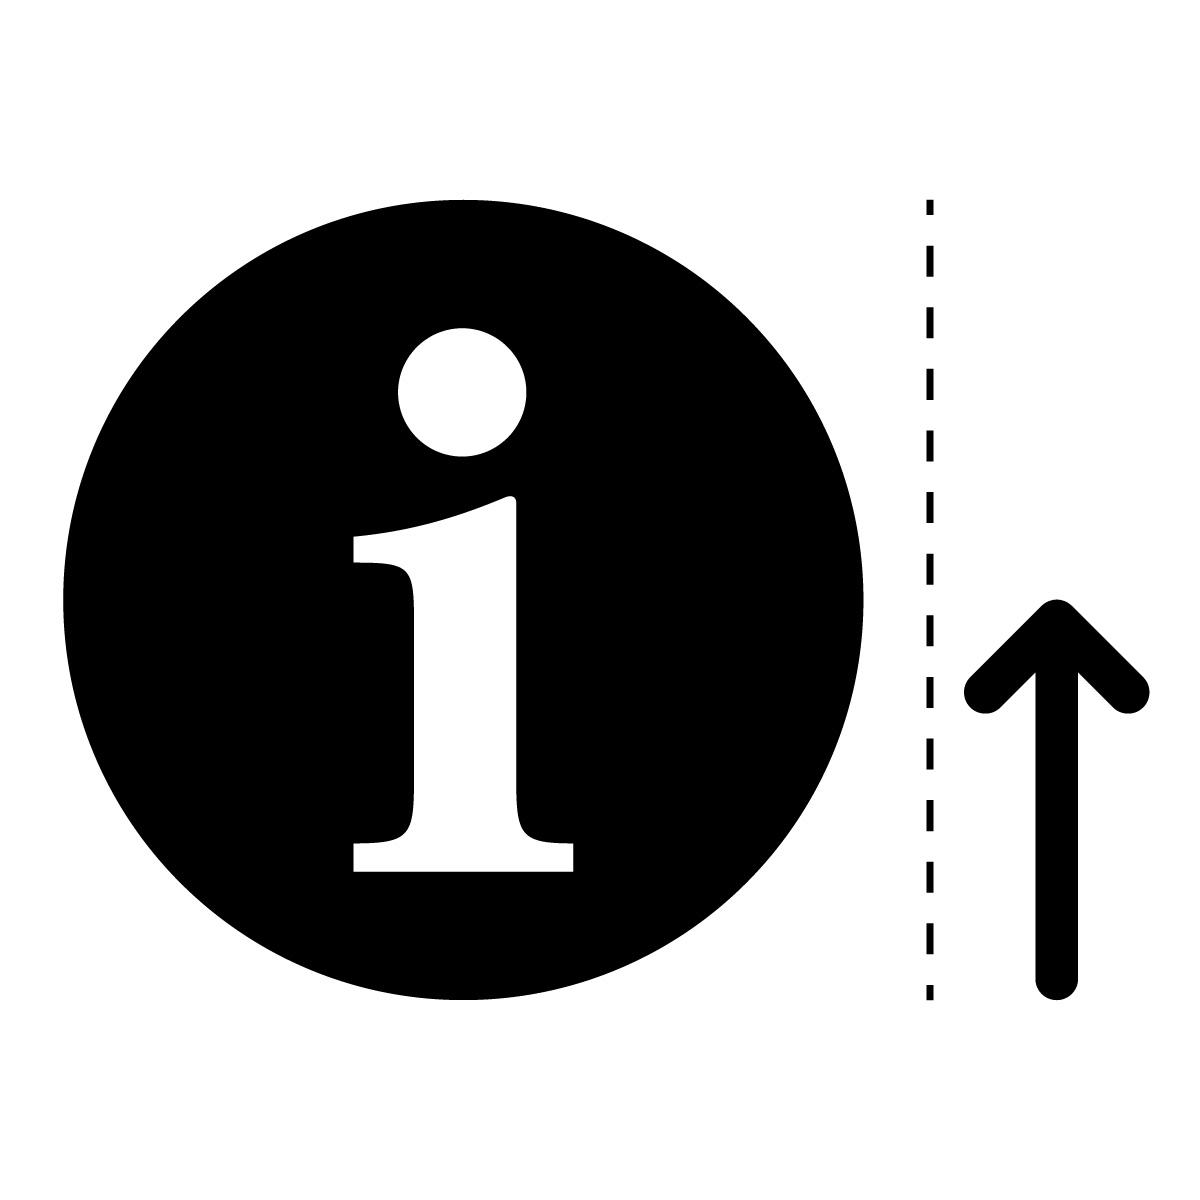 黒色のインフォメーション・受付・案内所マーク(矢印付き)のカッティング ステッカー・シール 光沢タイプ・防水・耐水・屋外耐候3~4年